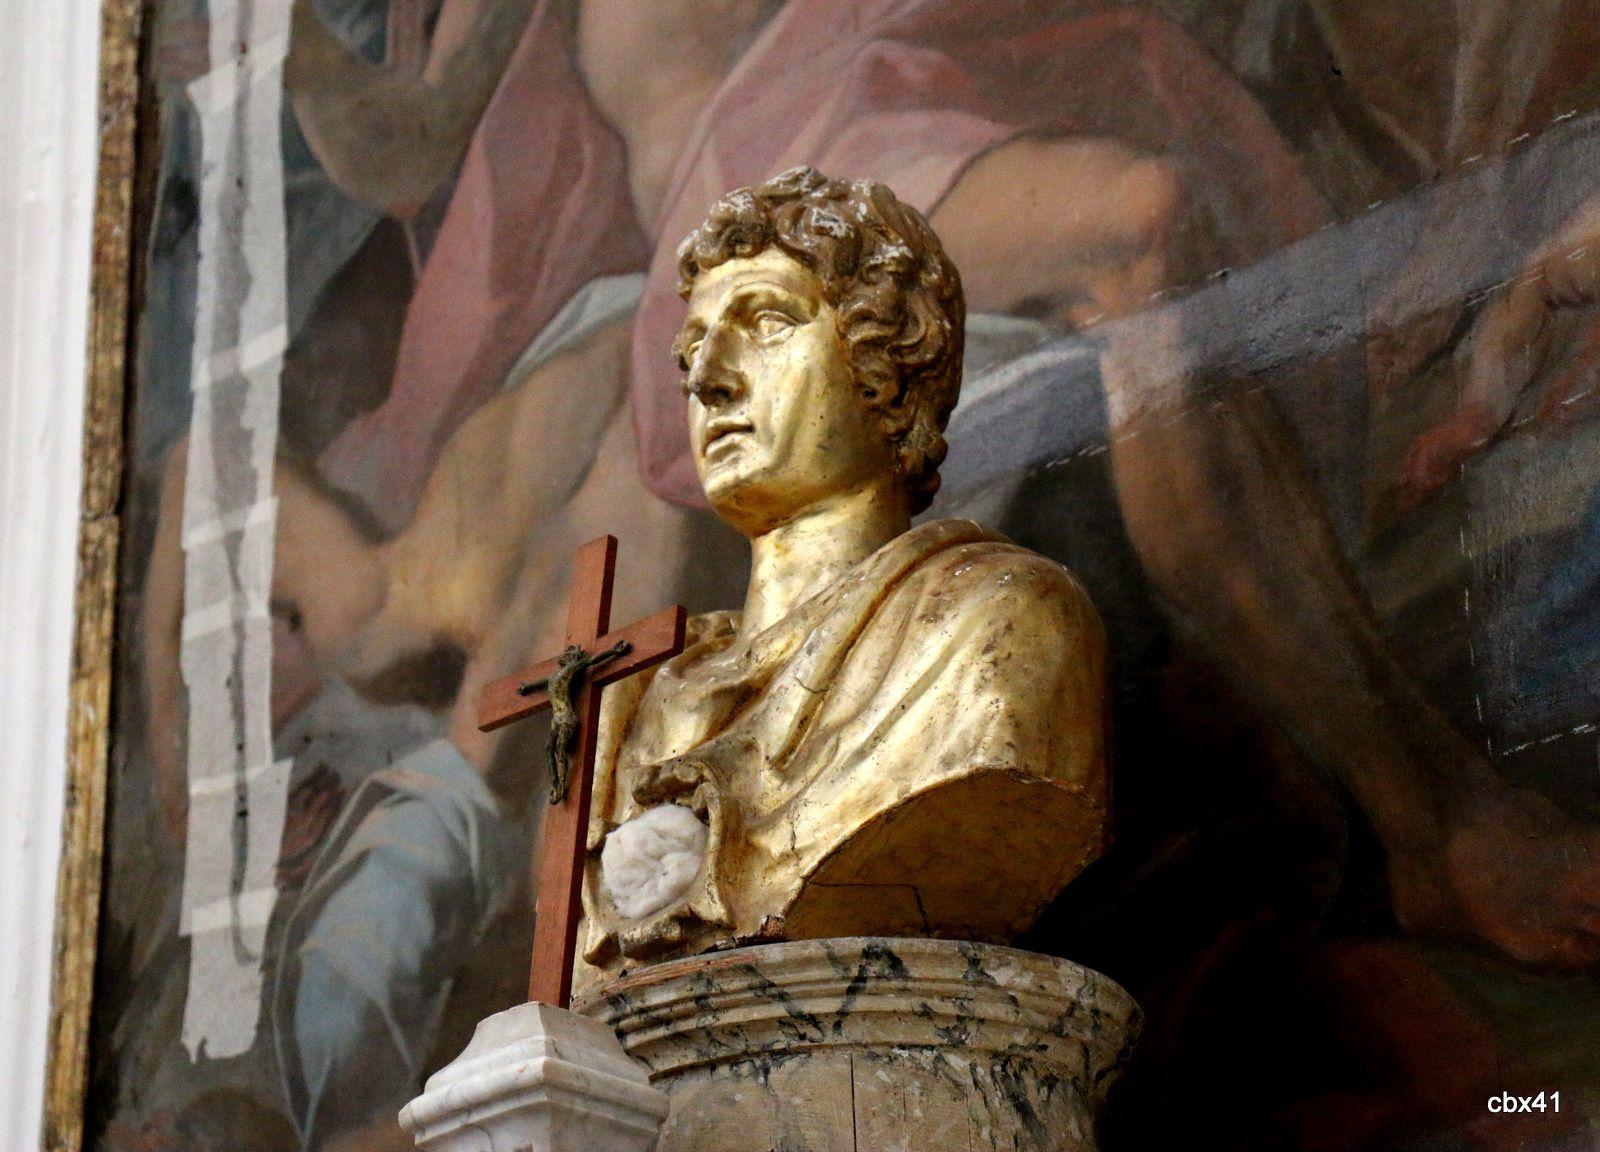 Buste de saint Philippe apôtre, cathédrale de Lipari